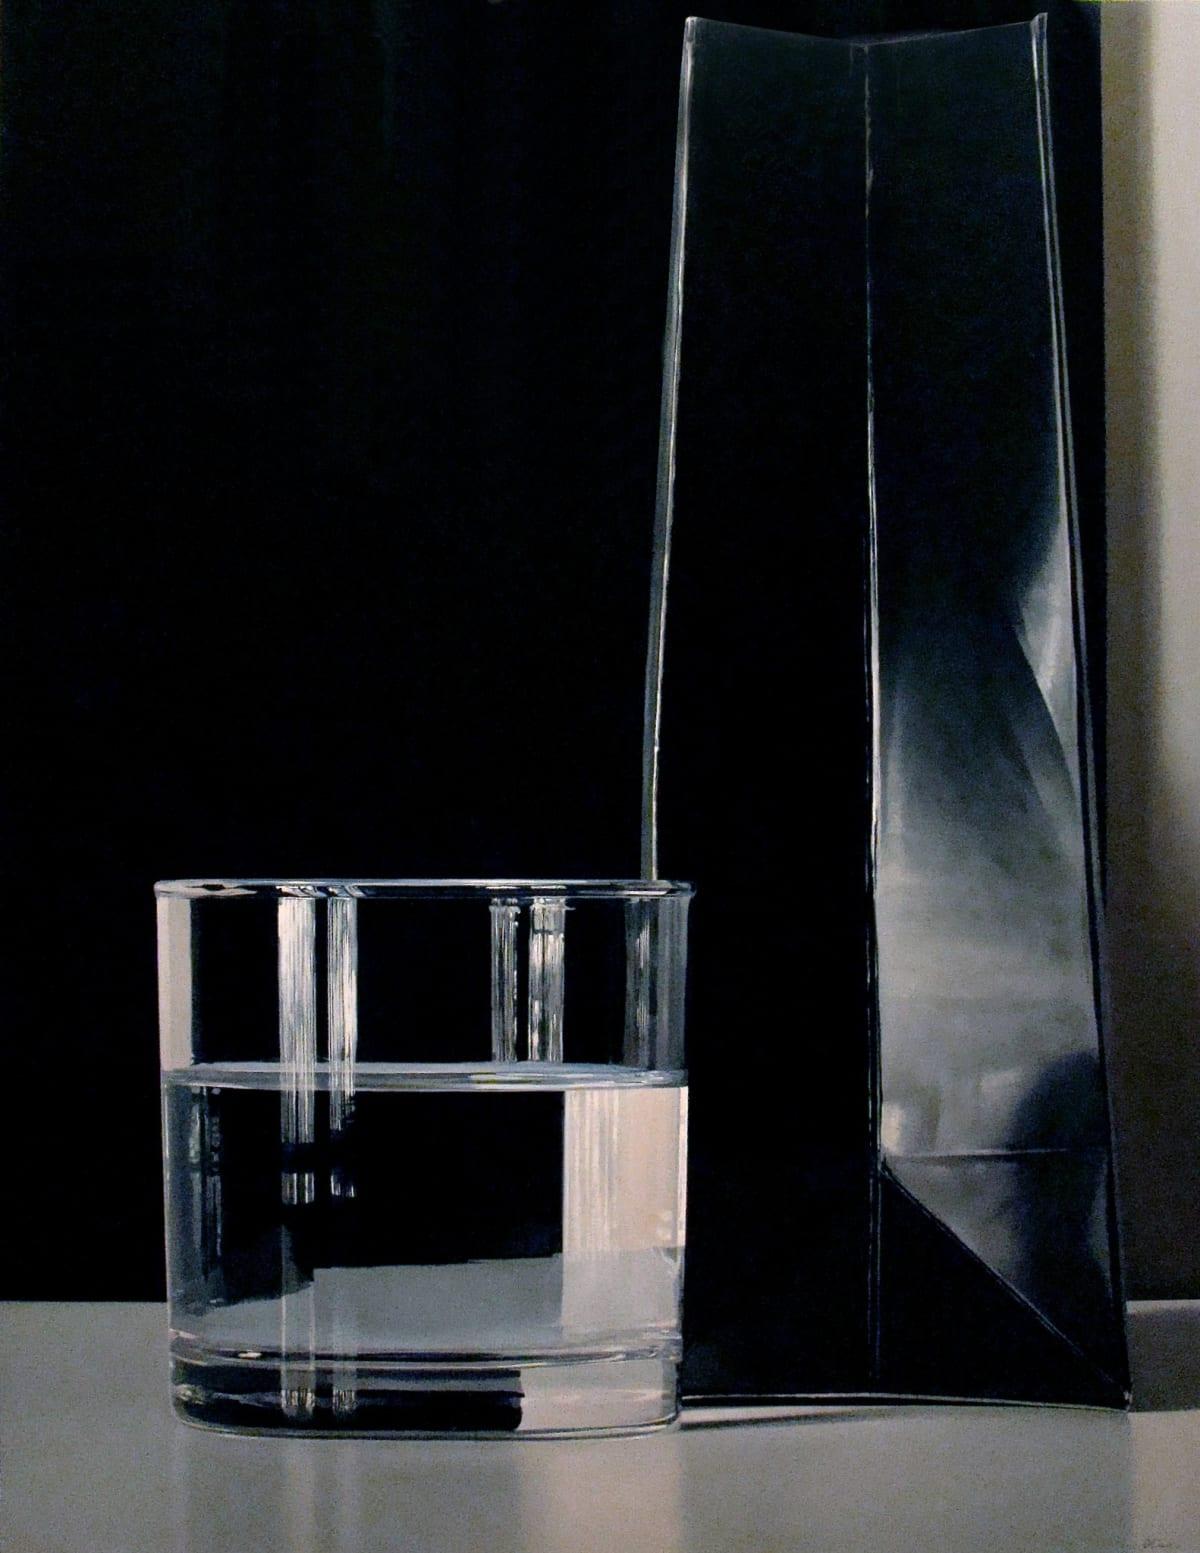 Fernando O'Connor Harmony in Black II Oil on canvas 200 x 150 cm